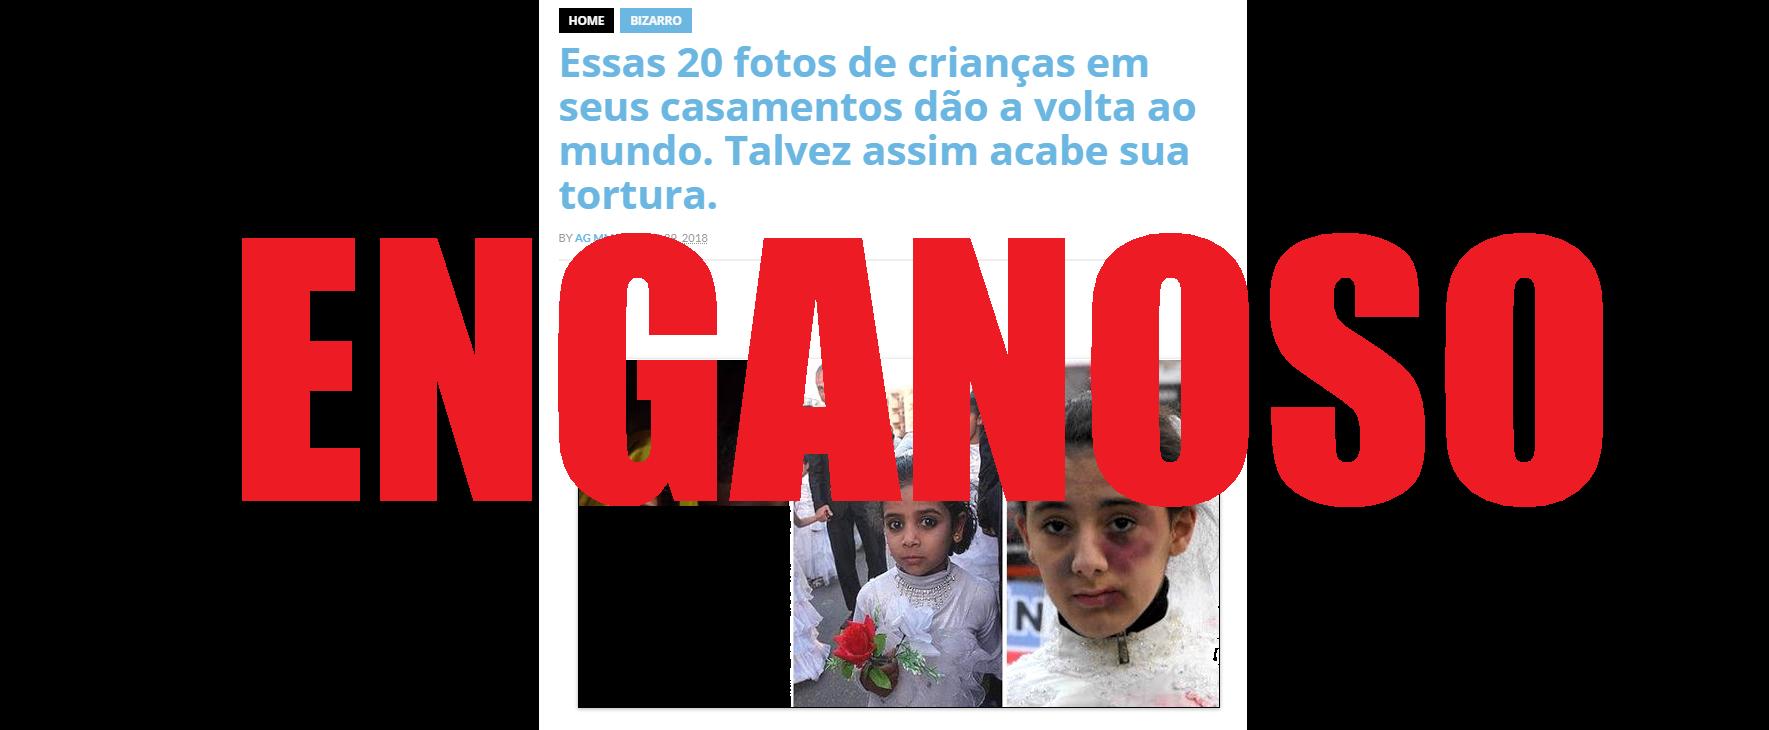 Captura de pantalha de uma publicação utilizando fotos fora de contexto para ilustrar meninas forçadas a casas, feita 25 de julho de 2017.